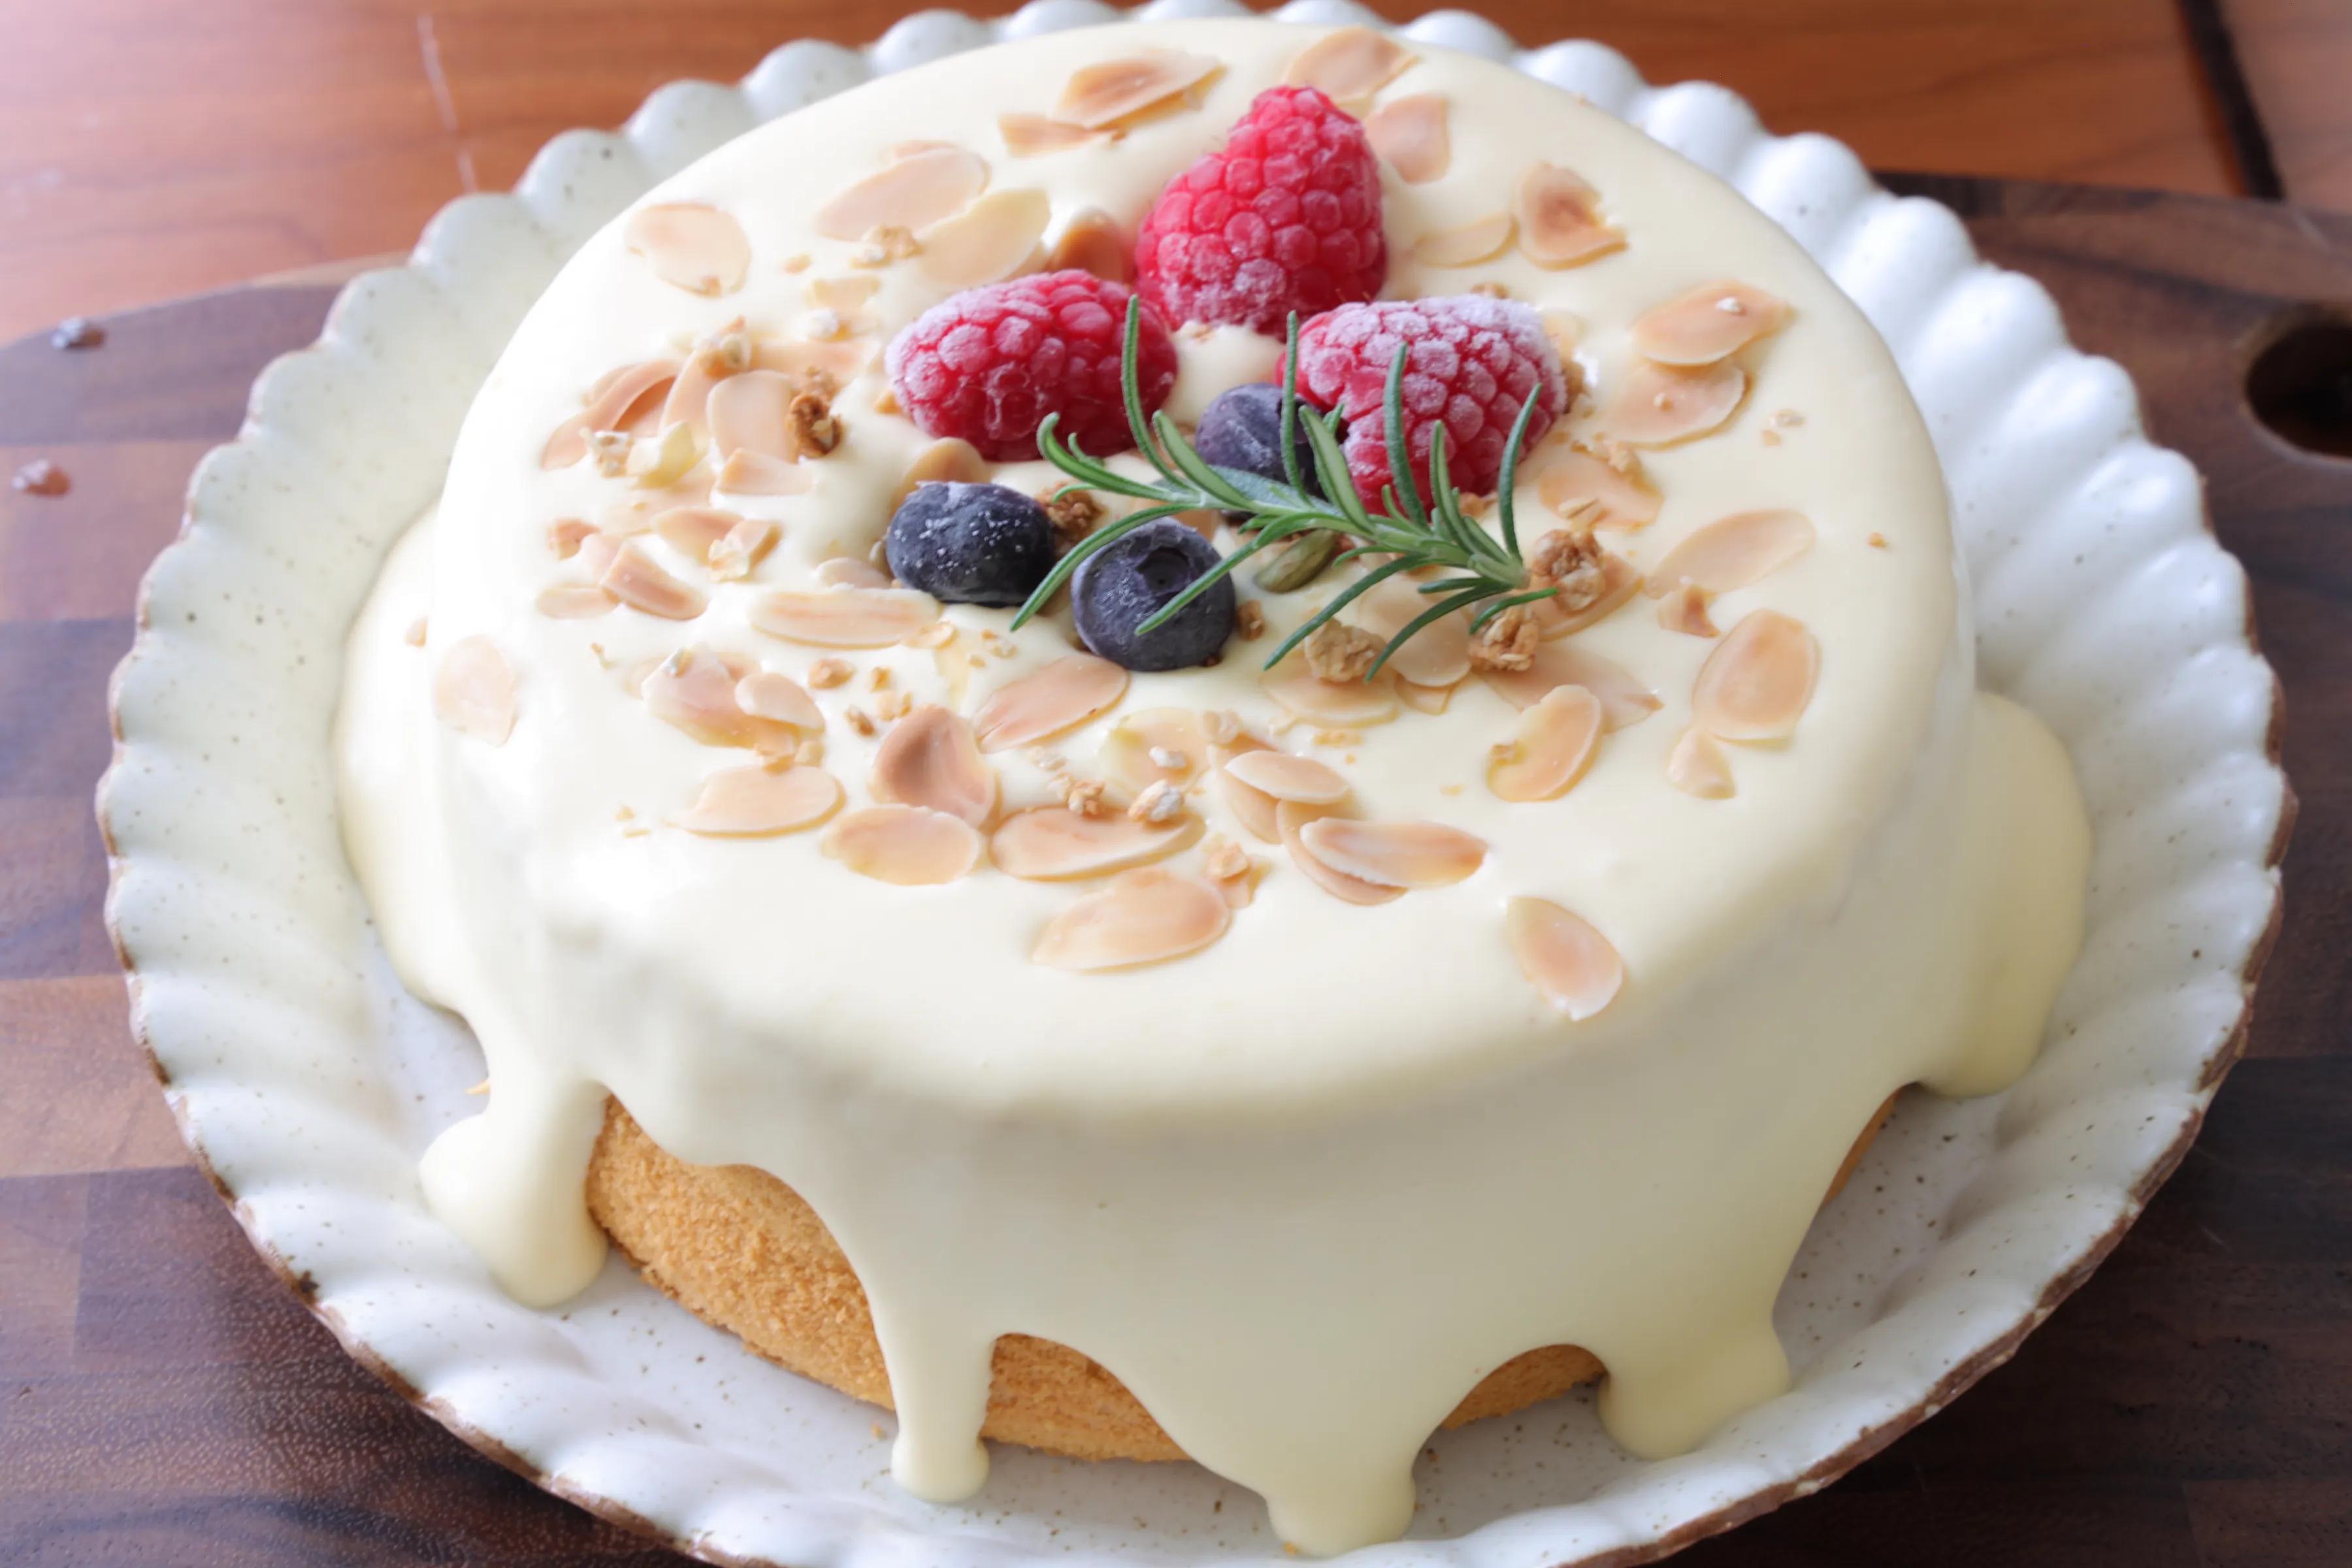 粉丝朋友点名要的网红爆浆蛋糕,切第一块的时候太治愈,味道超赞 美食做法 第19张